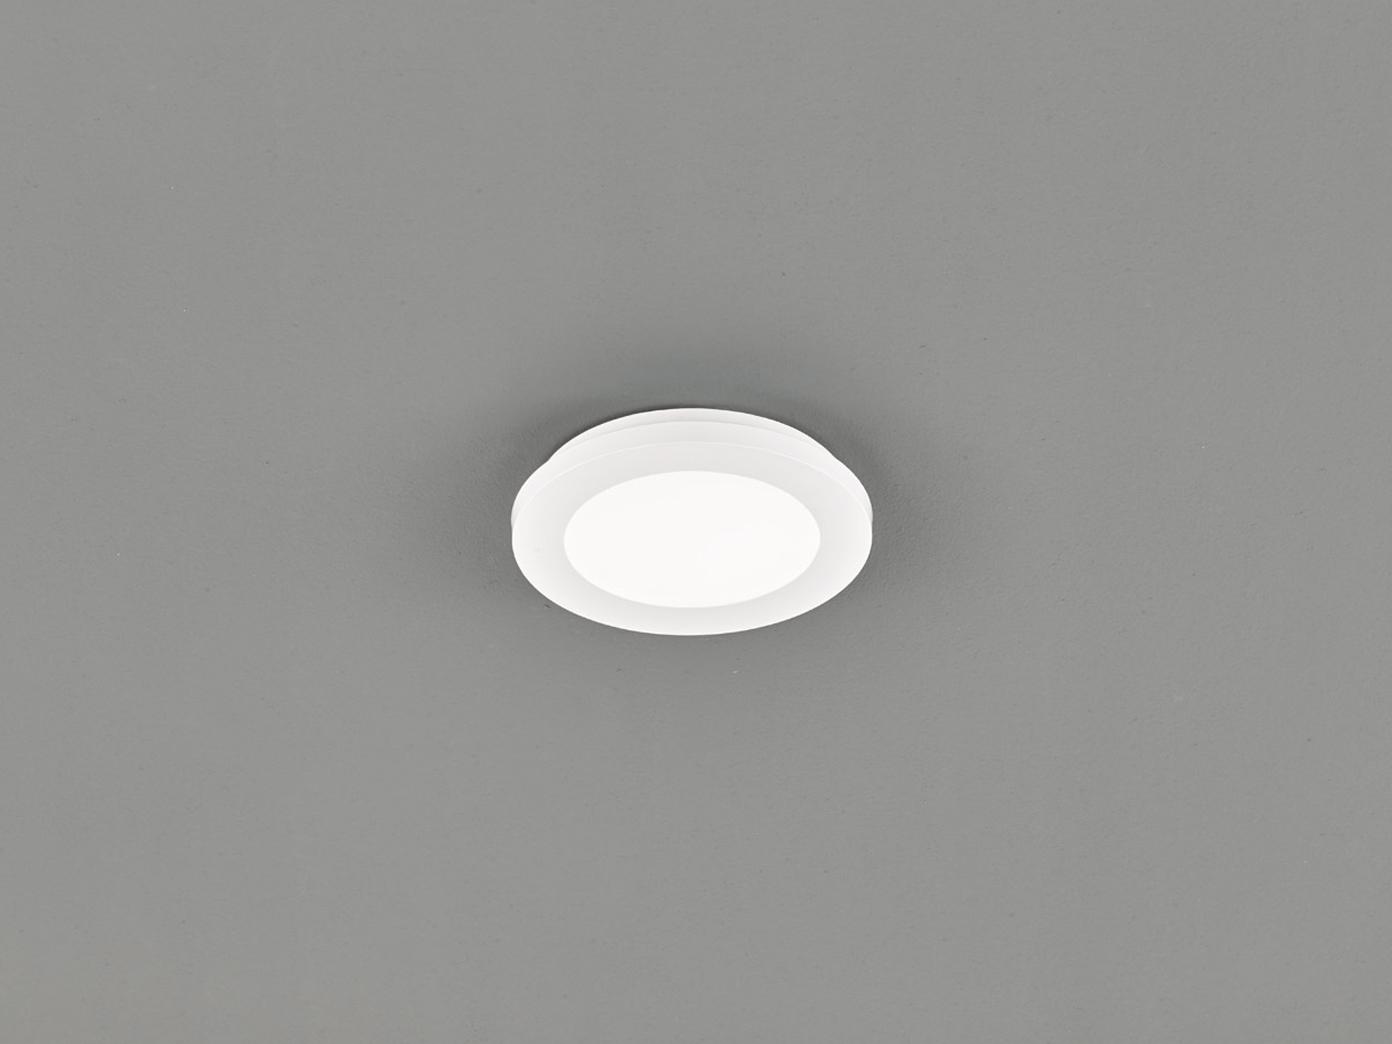 Kleine LED Deckenleuchte CAMILLUS flache Badezimmerlampe Rund Ø20cm in Weiß  IP20